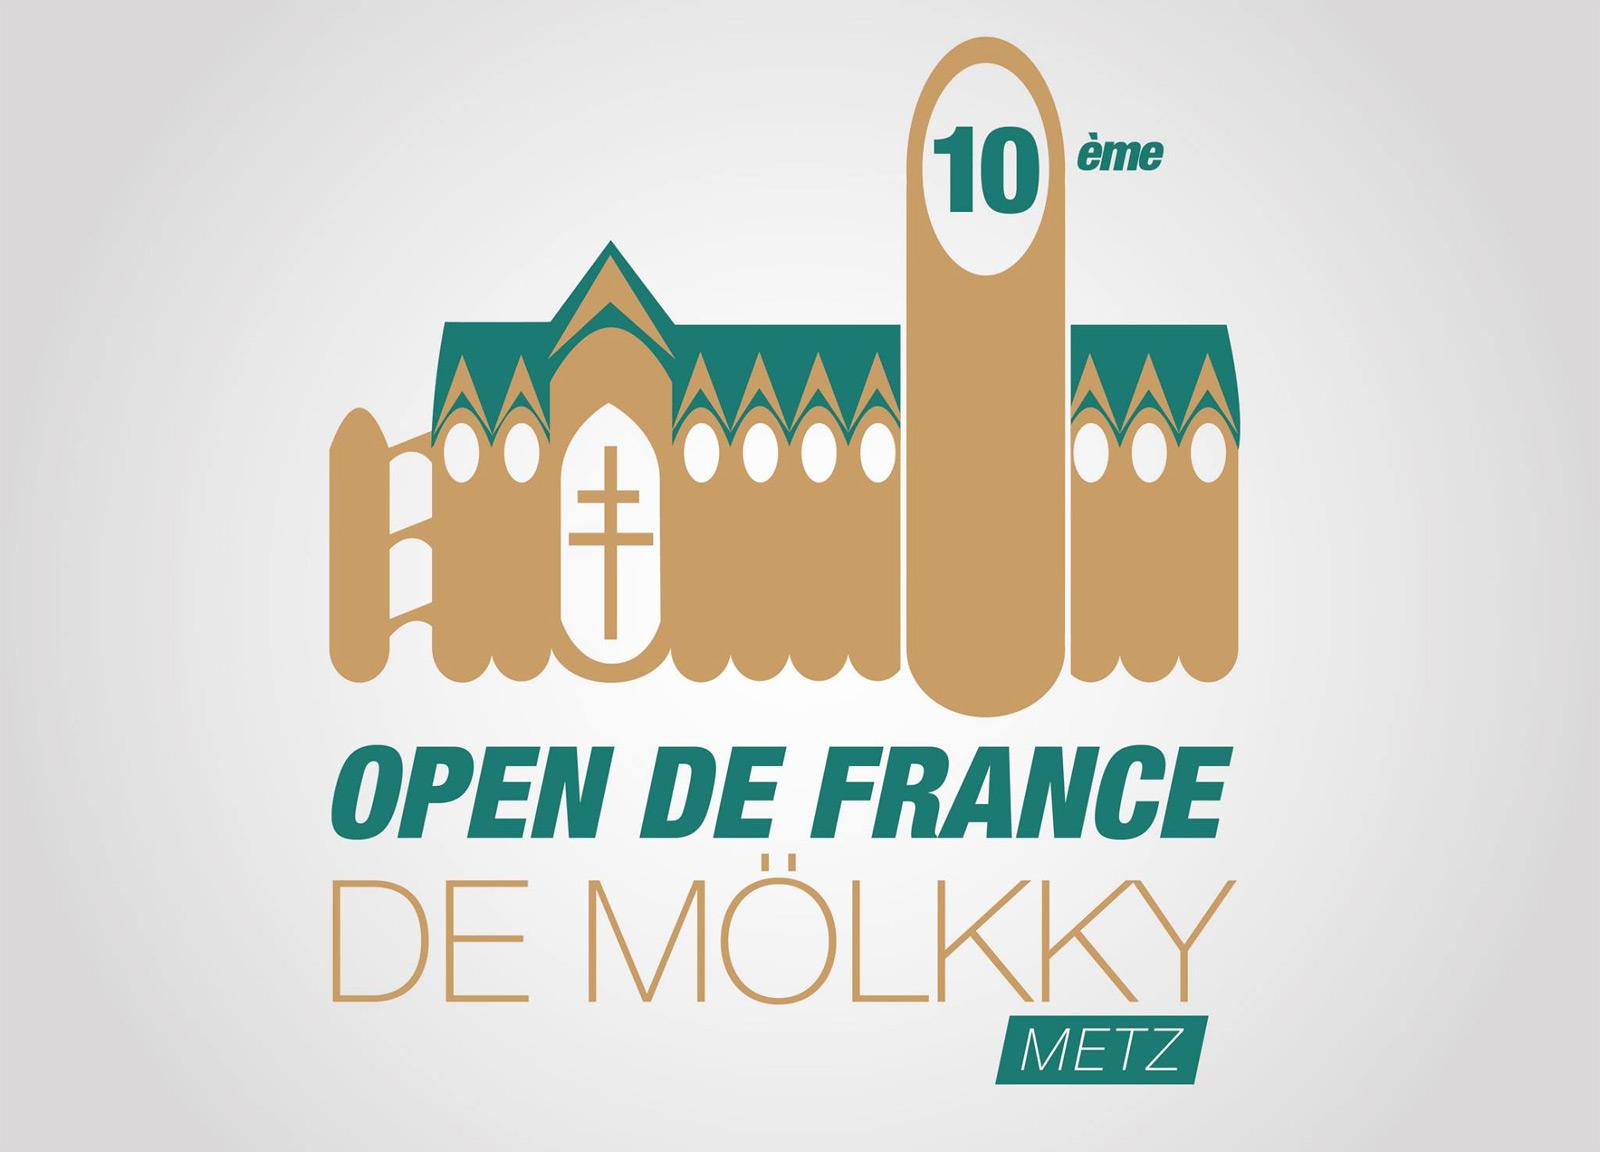 La 10ème édition de l'Open de France de Mölkky à Metz : inscriptions ouvertes